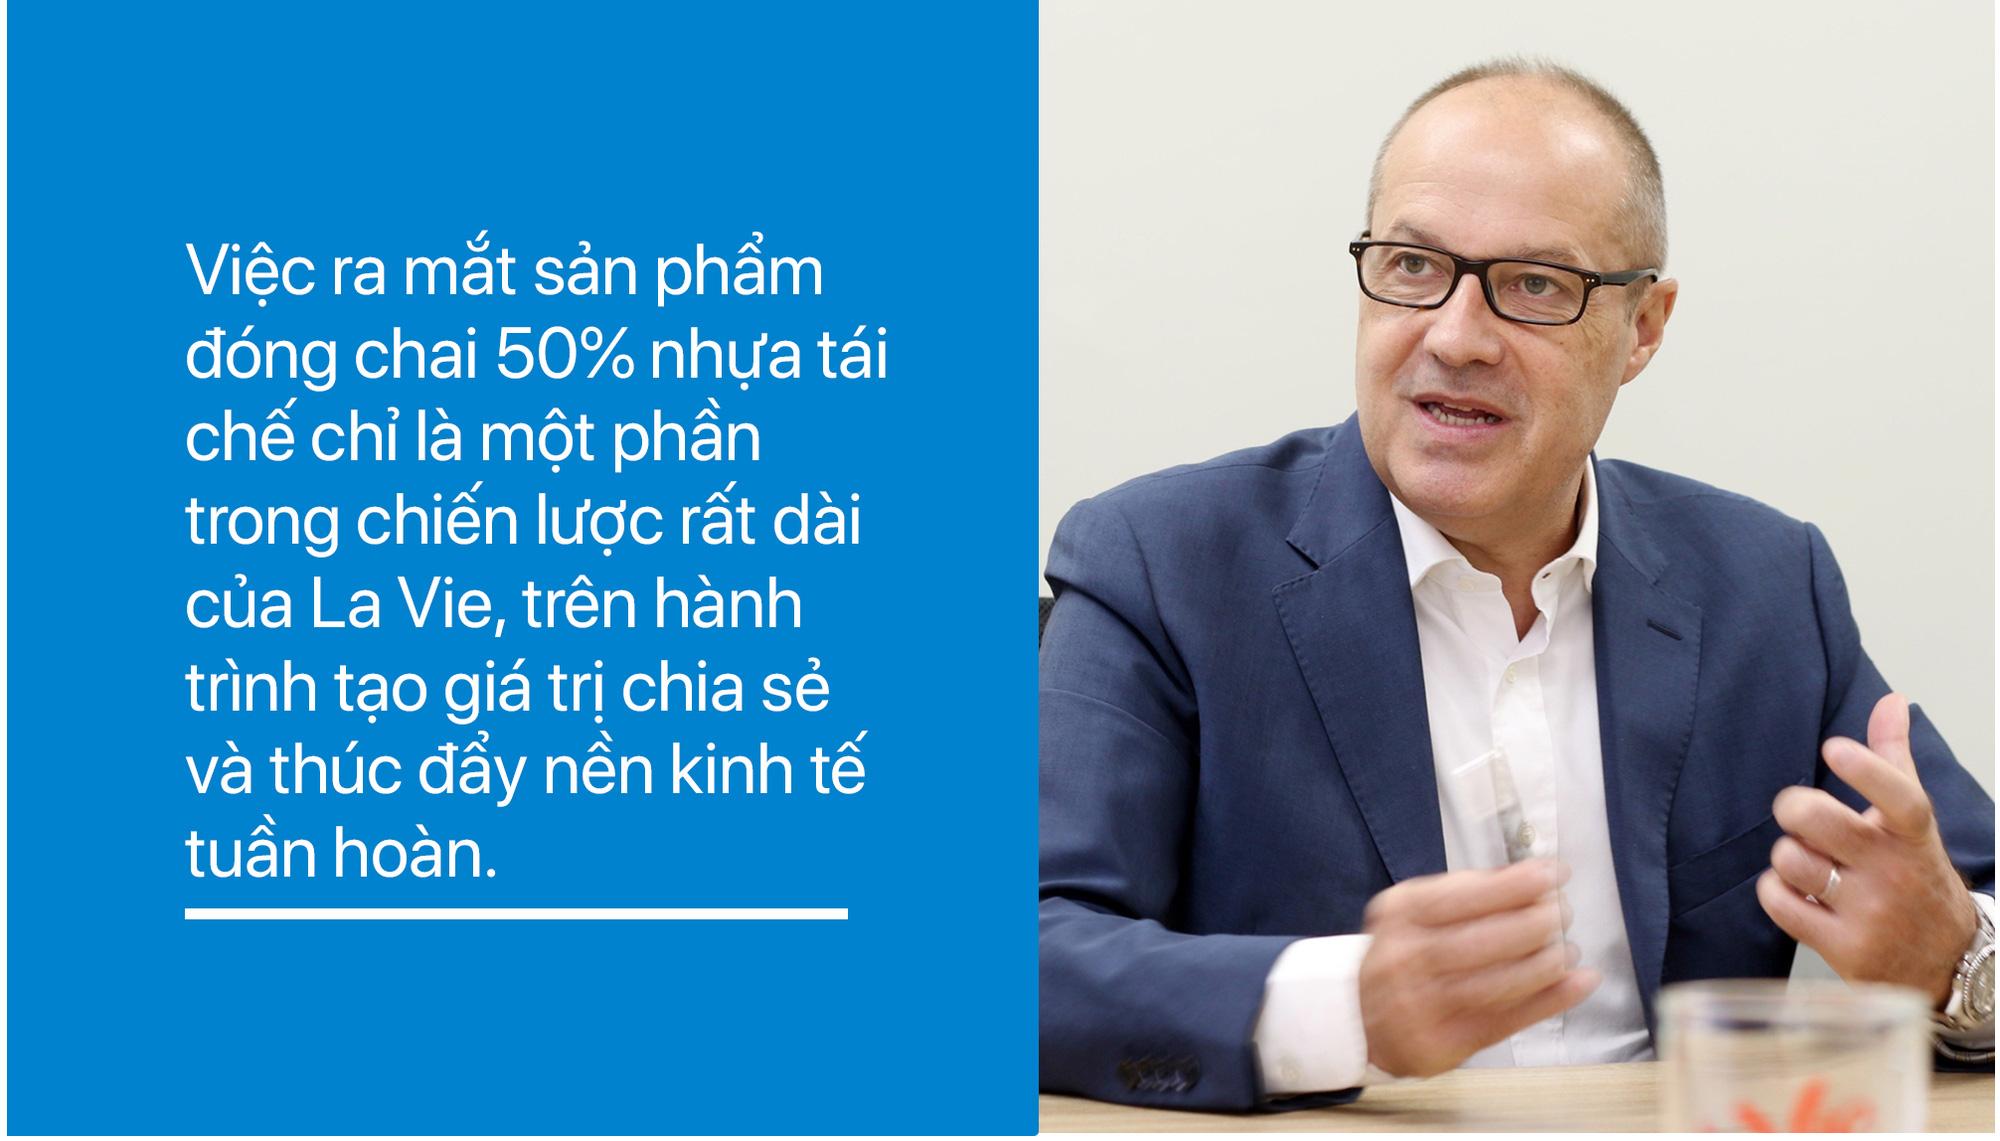 Tổng Giám đốc La Vie: Công ty hàng đầu không phải quy mô lớn hay nhỏ, mà phải can đảm đi đầu, mở đường thúc đẩy nền kinh tế tuần hoàn - Ảnh 16.